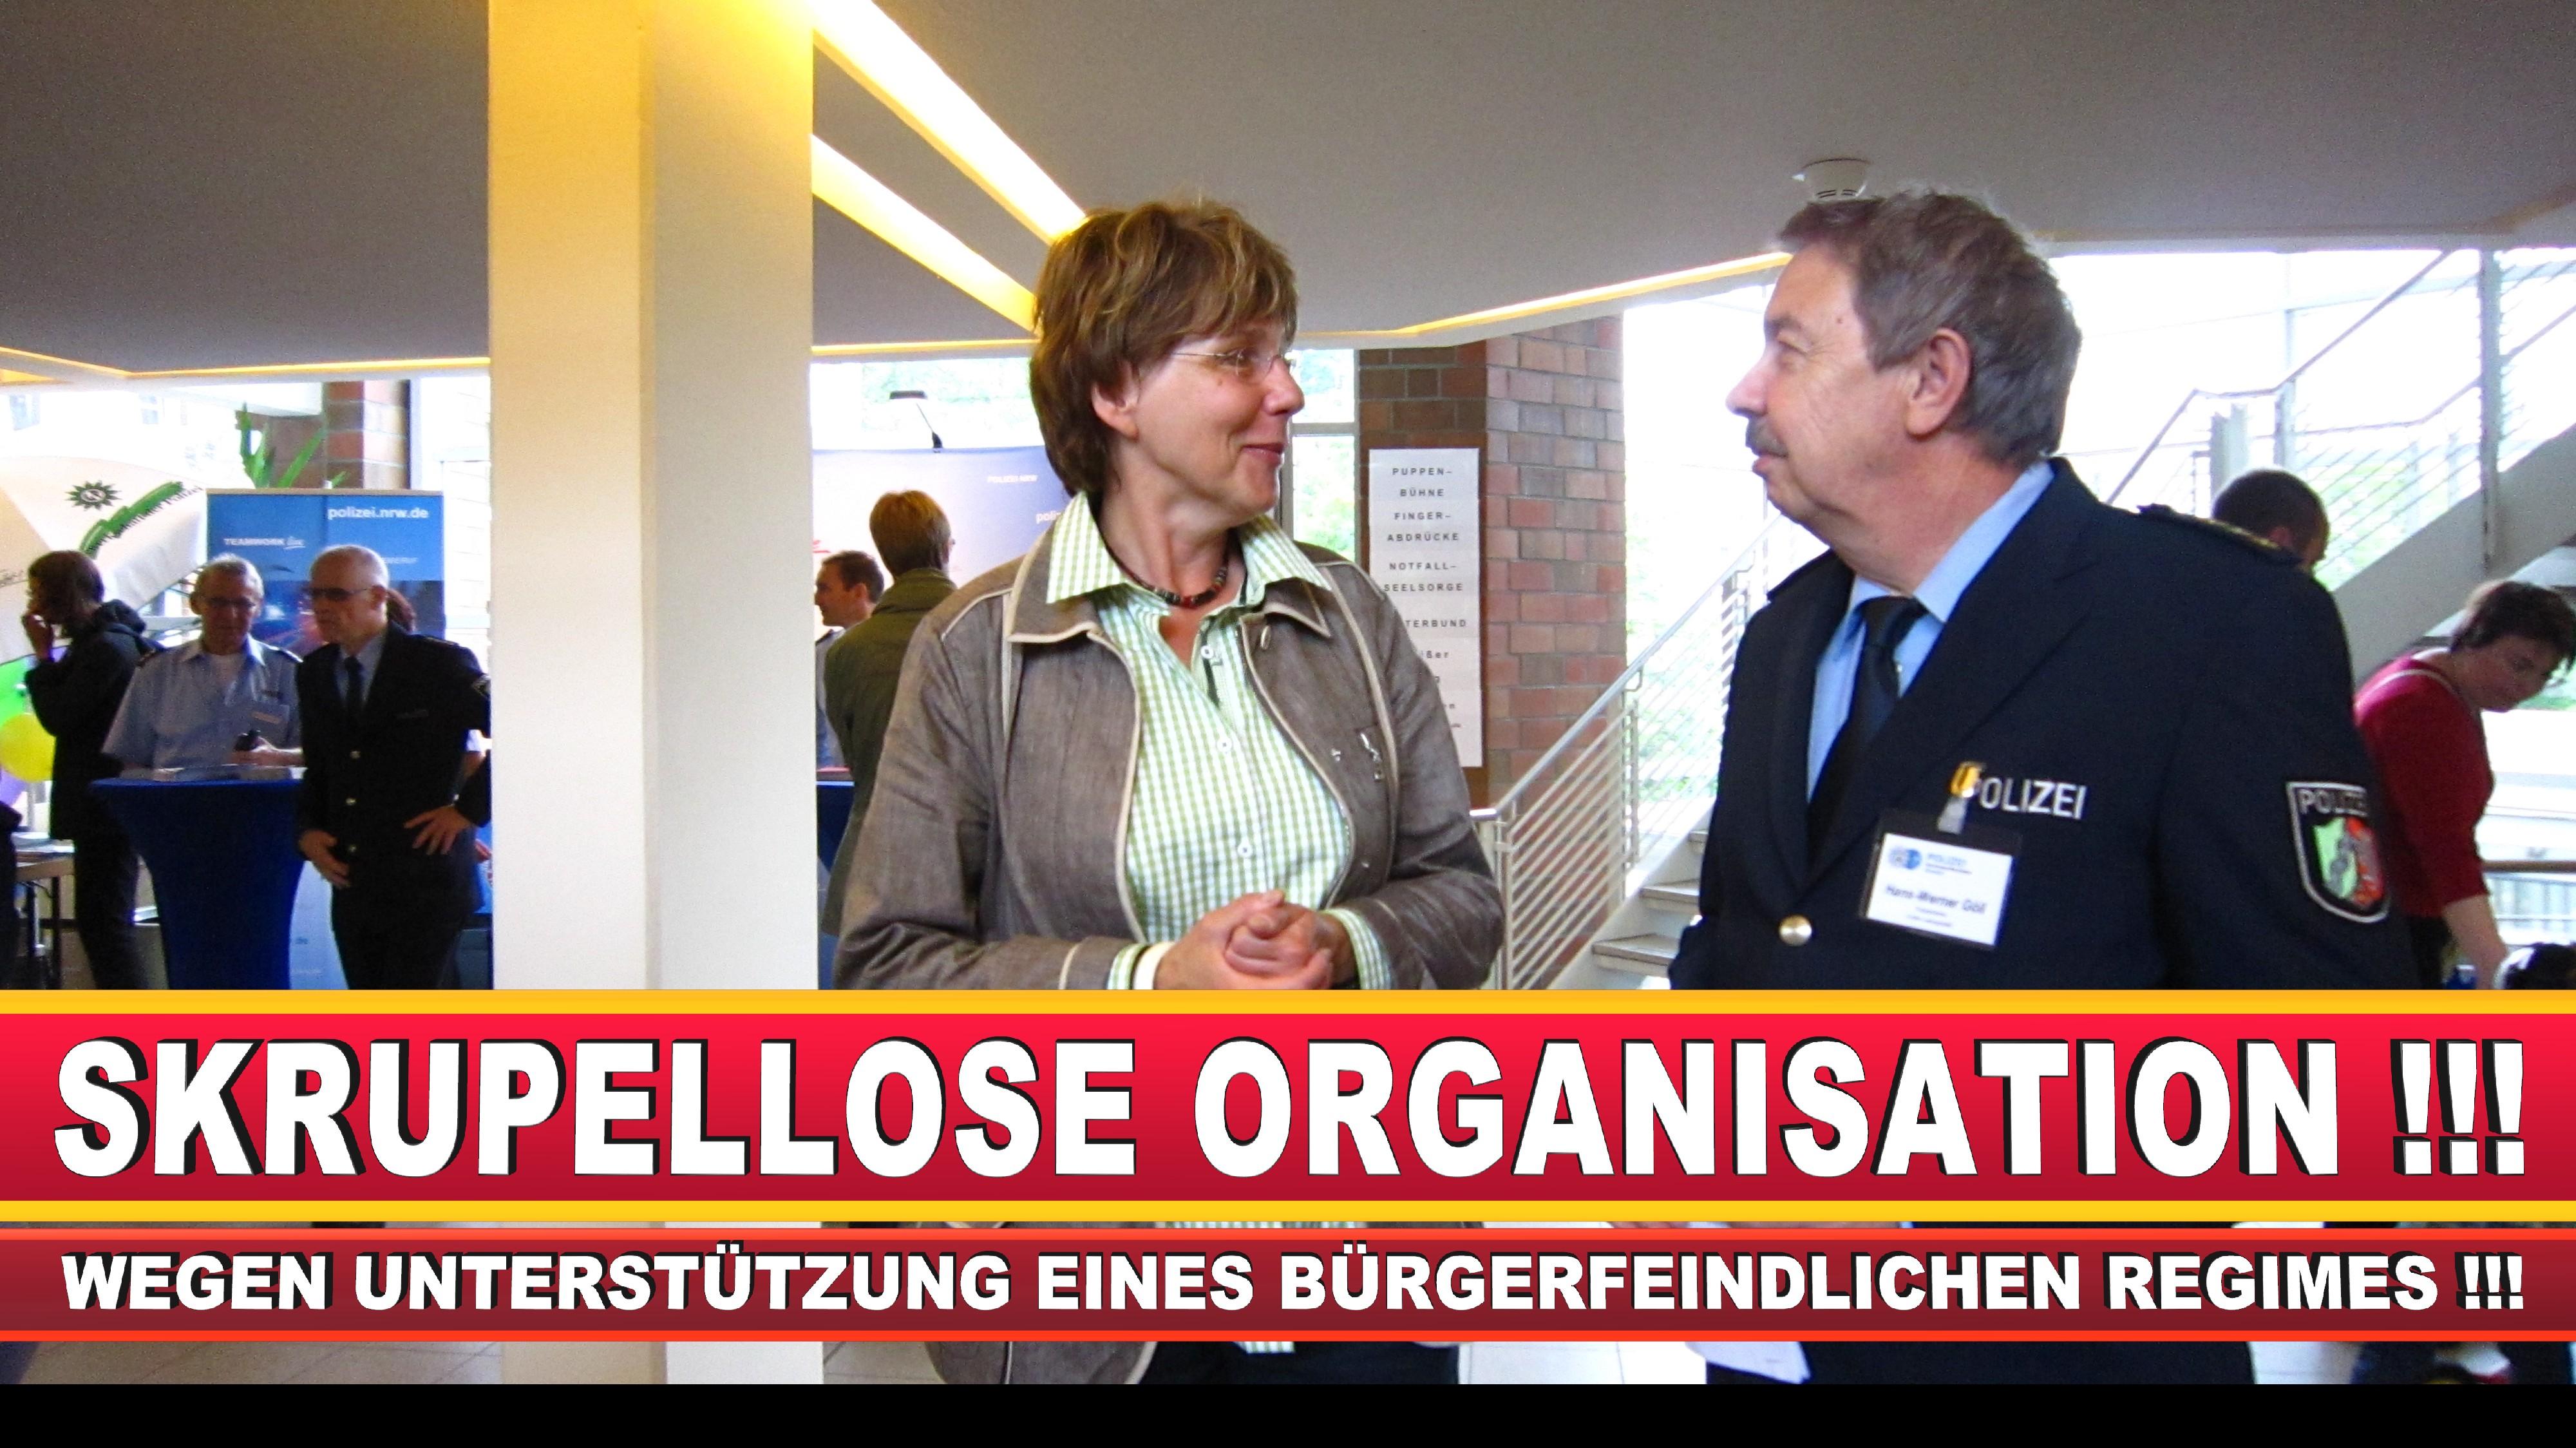 Polizeipräsidentin Katharina Giere Polizei Bielefeld NRW Erwin Südfeld Horst Kruse Polizeiuniform Polizeigewalt DEMONSTRATION Bahnhof (25)